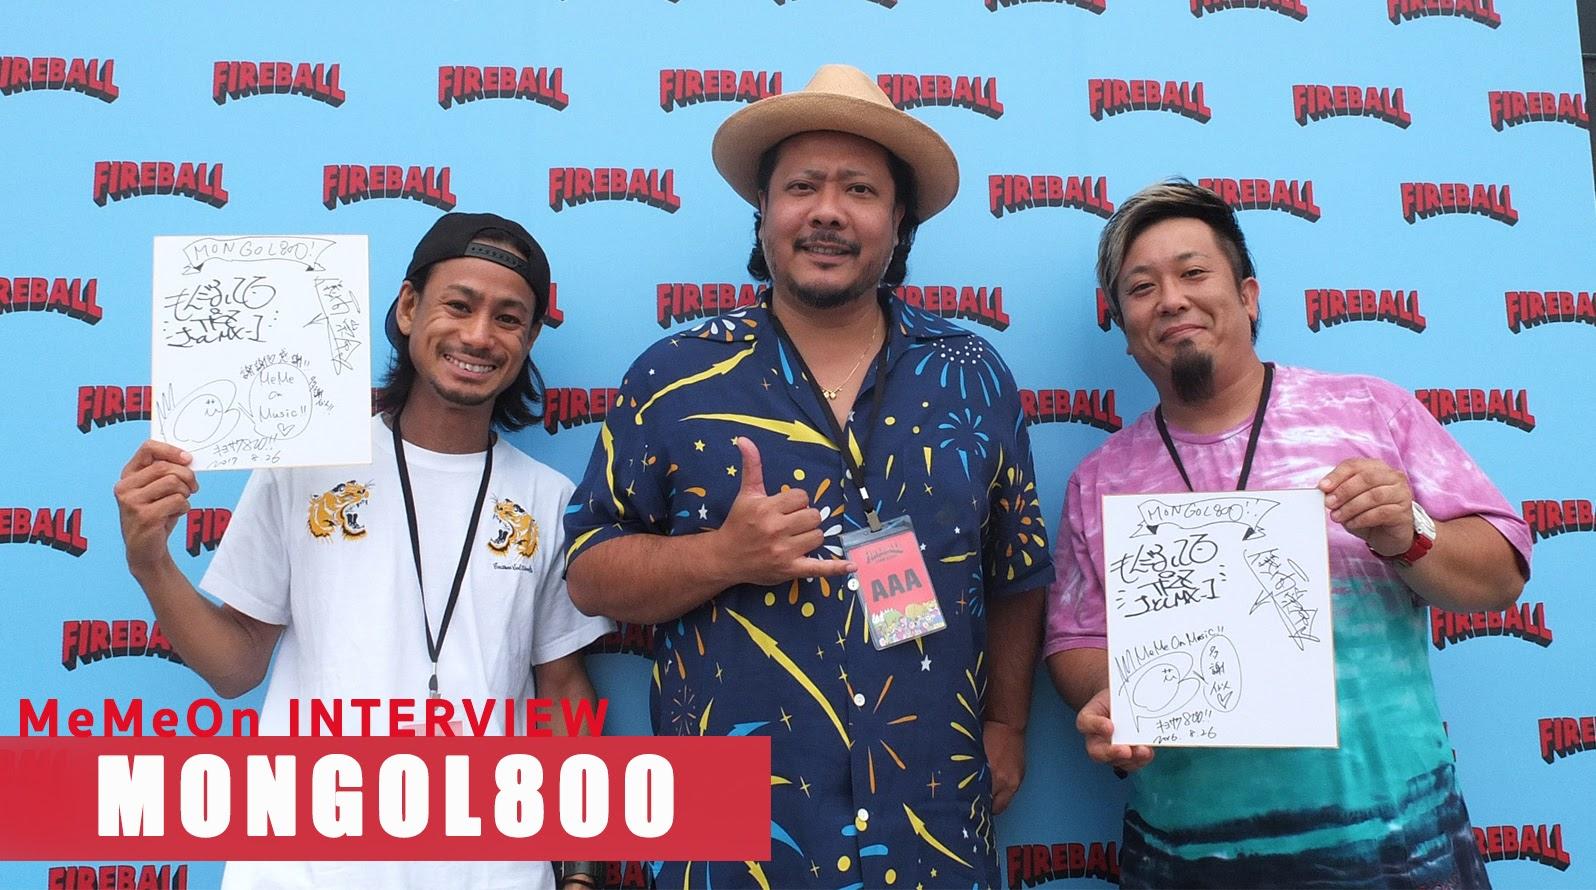 希望邀請台灣樂團到沖繩演出  MONGOL800 迷迷音特別專訪(1)